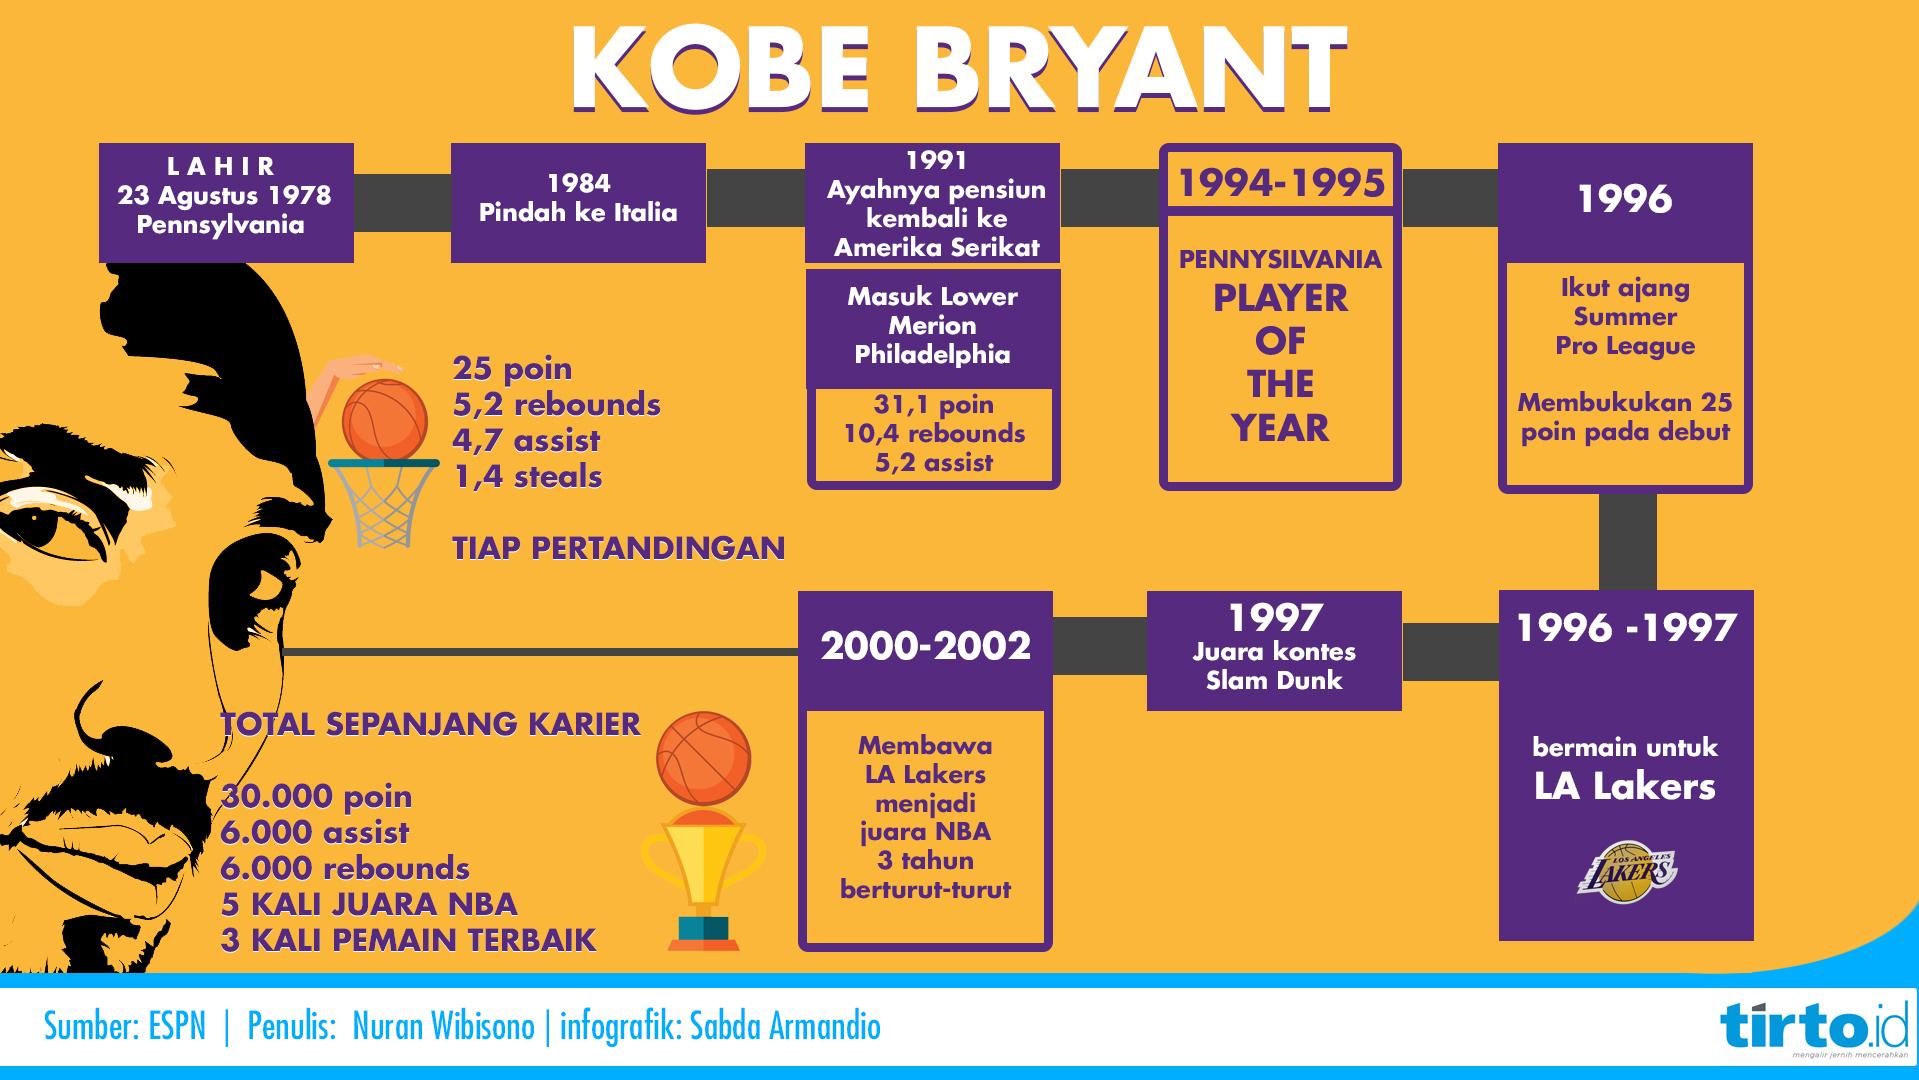 Kobe ternyata tidak melulu tentang prestasi Kobe pernah gagal Kobe pernah jatuh Kobe memang manusia